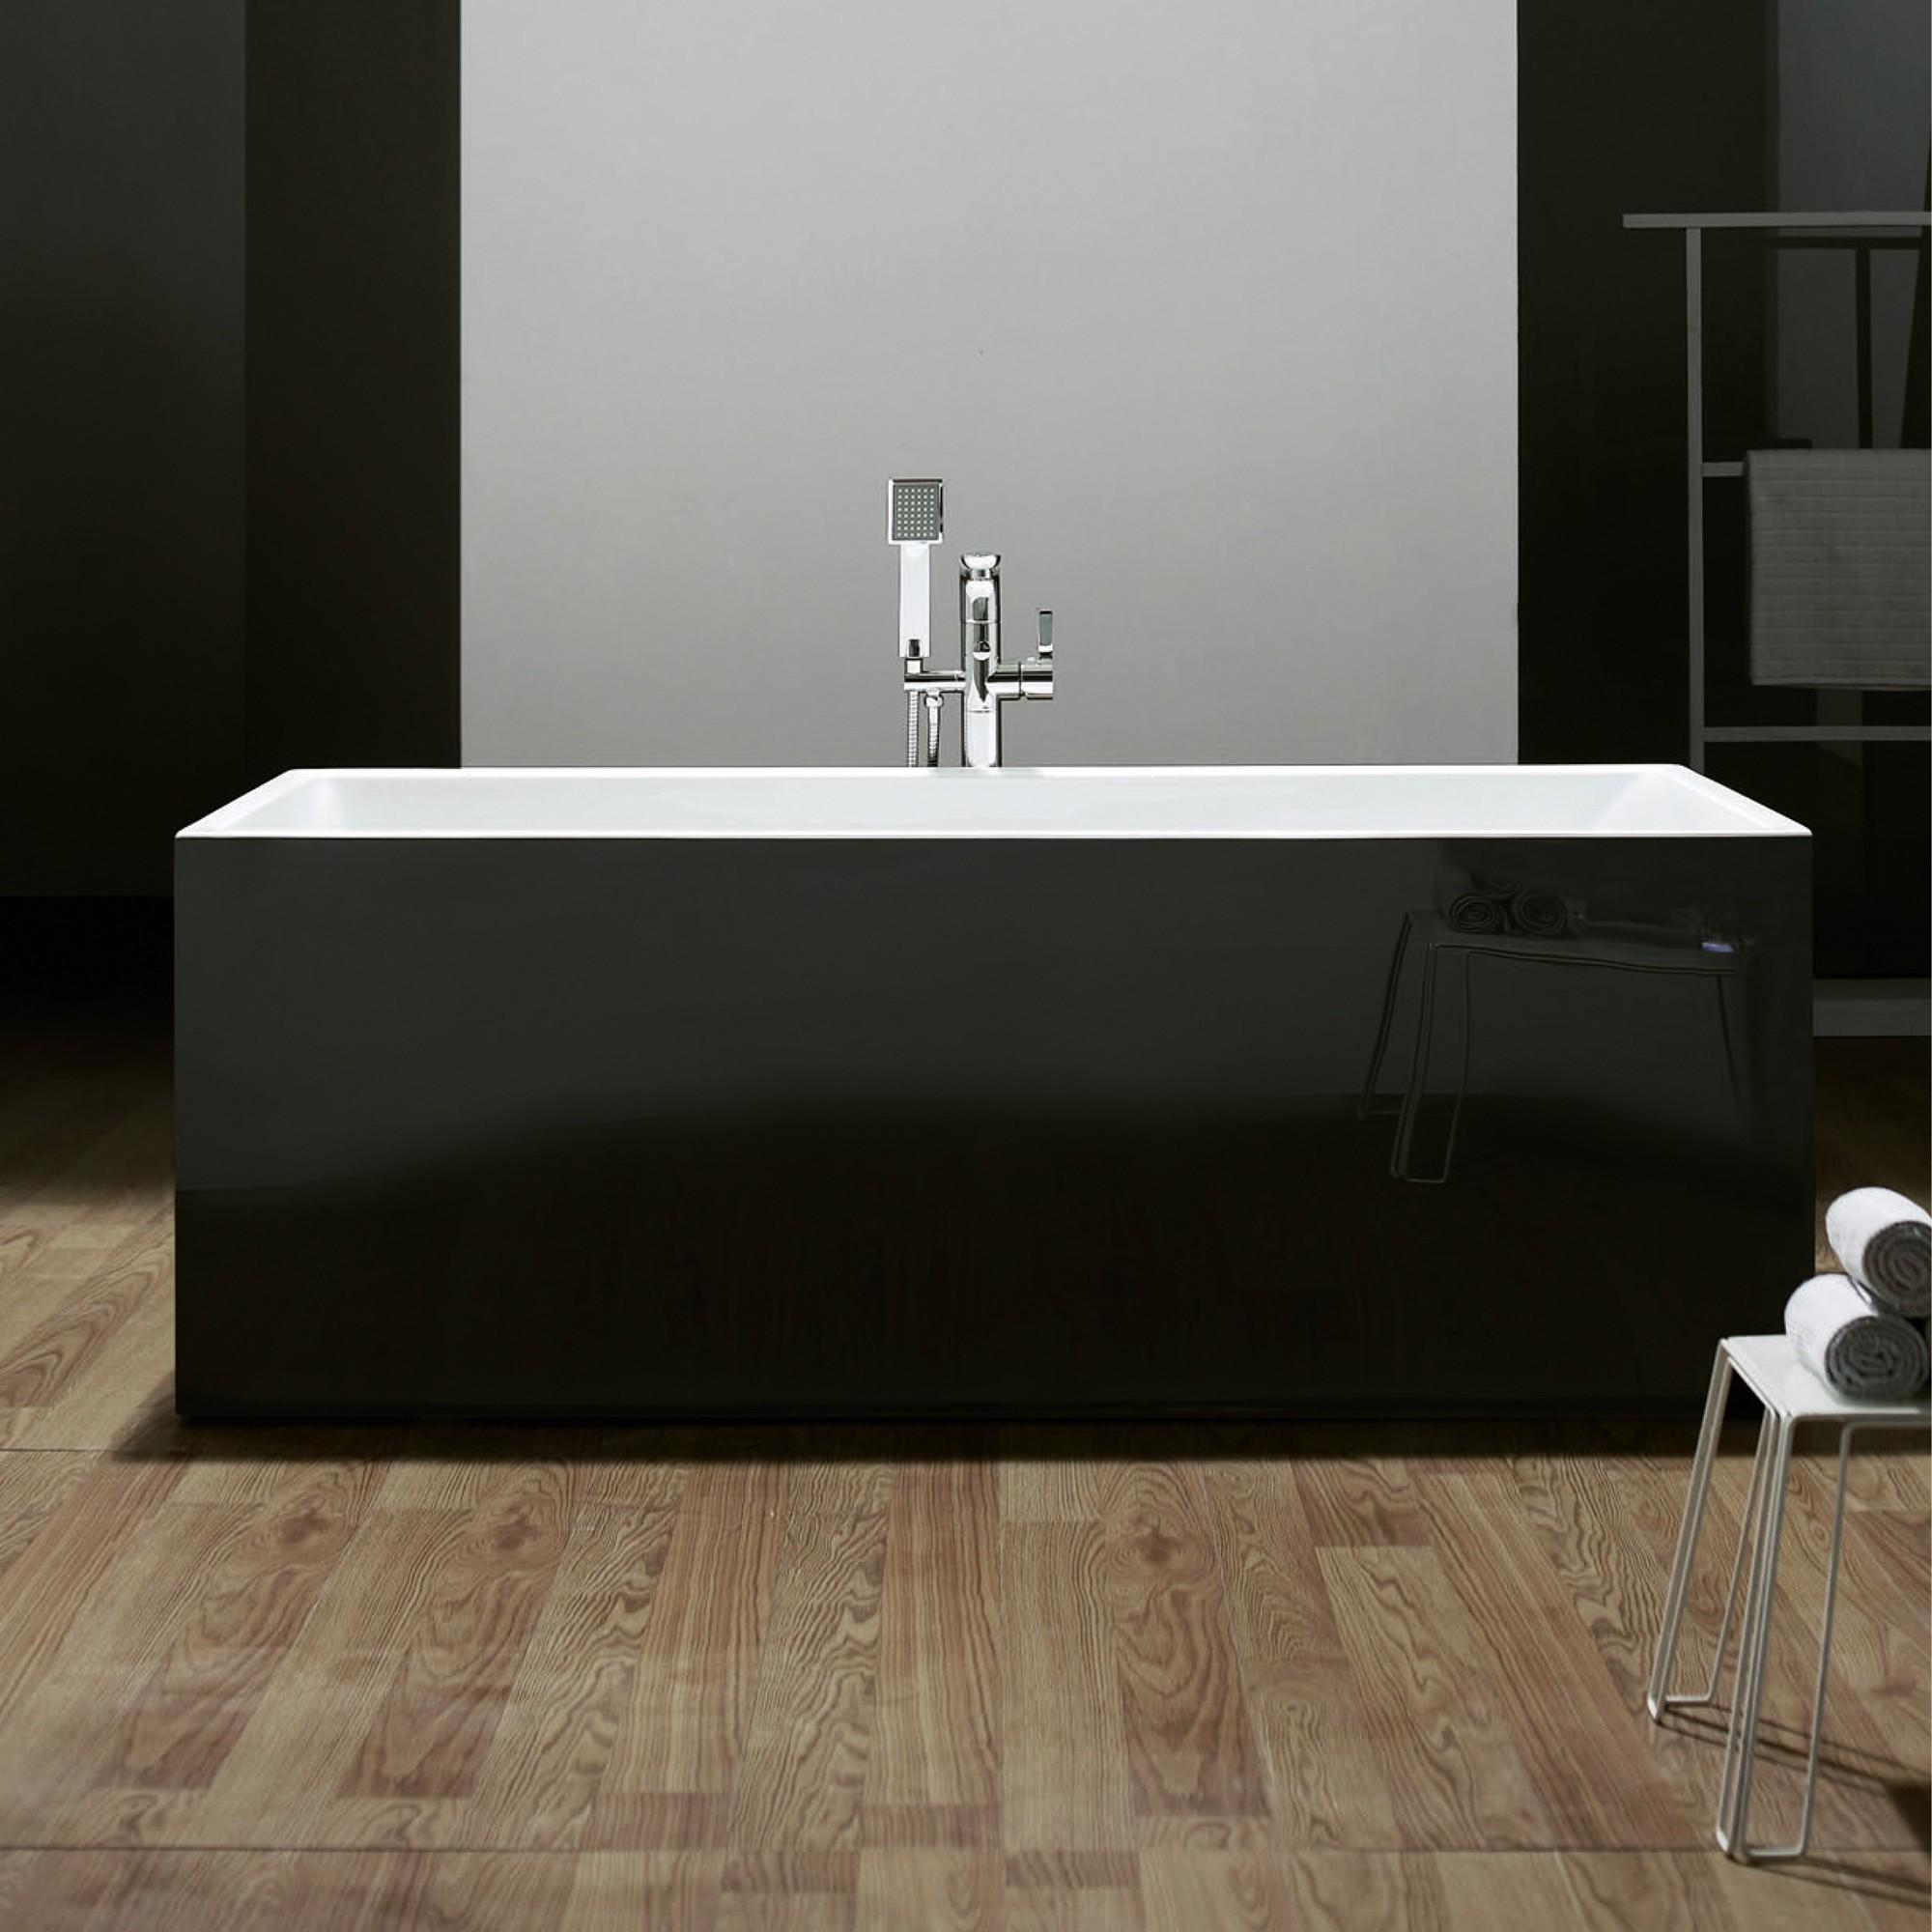 exclusive freistehende acryl badewanne mit ab und. Black Bedroom Furniture Sets. Home Design Ideas